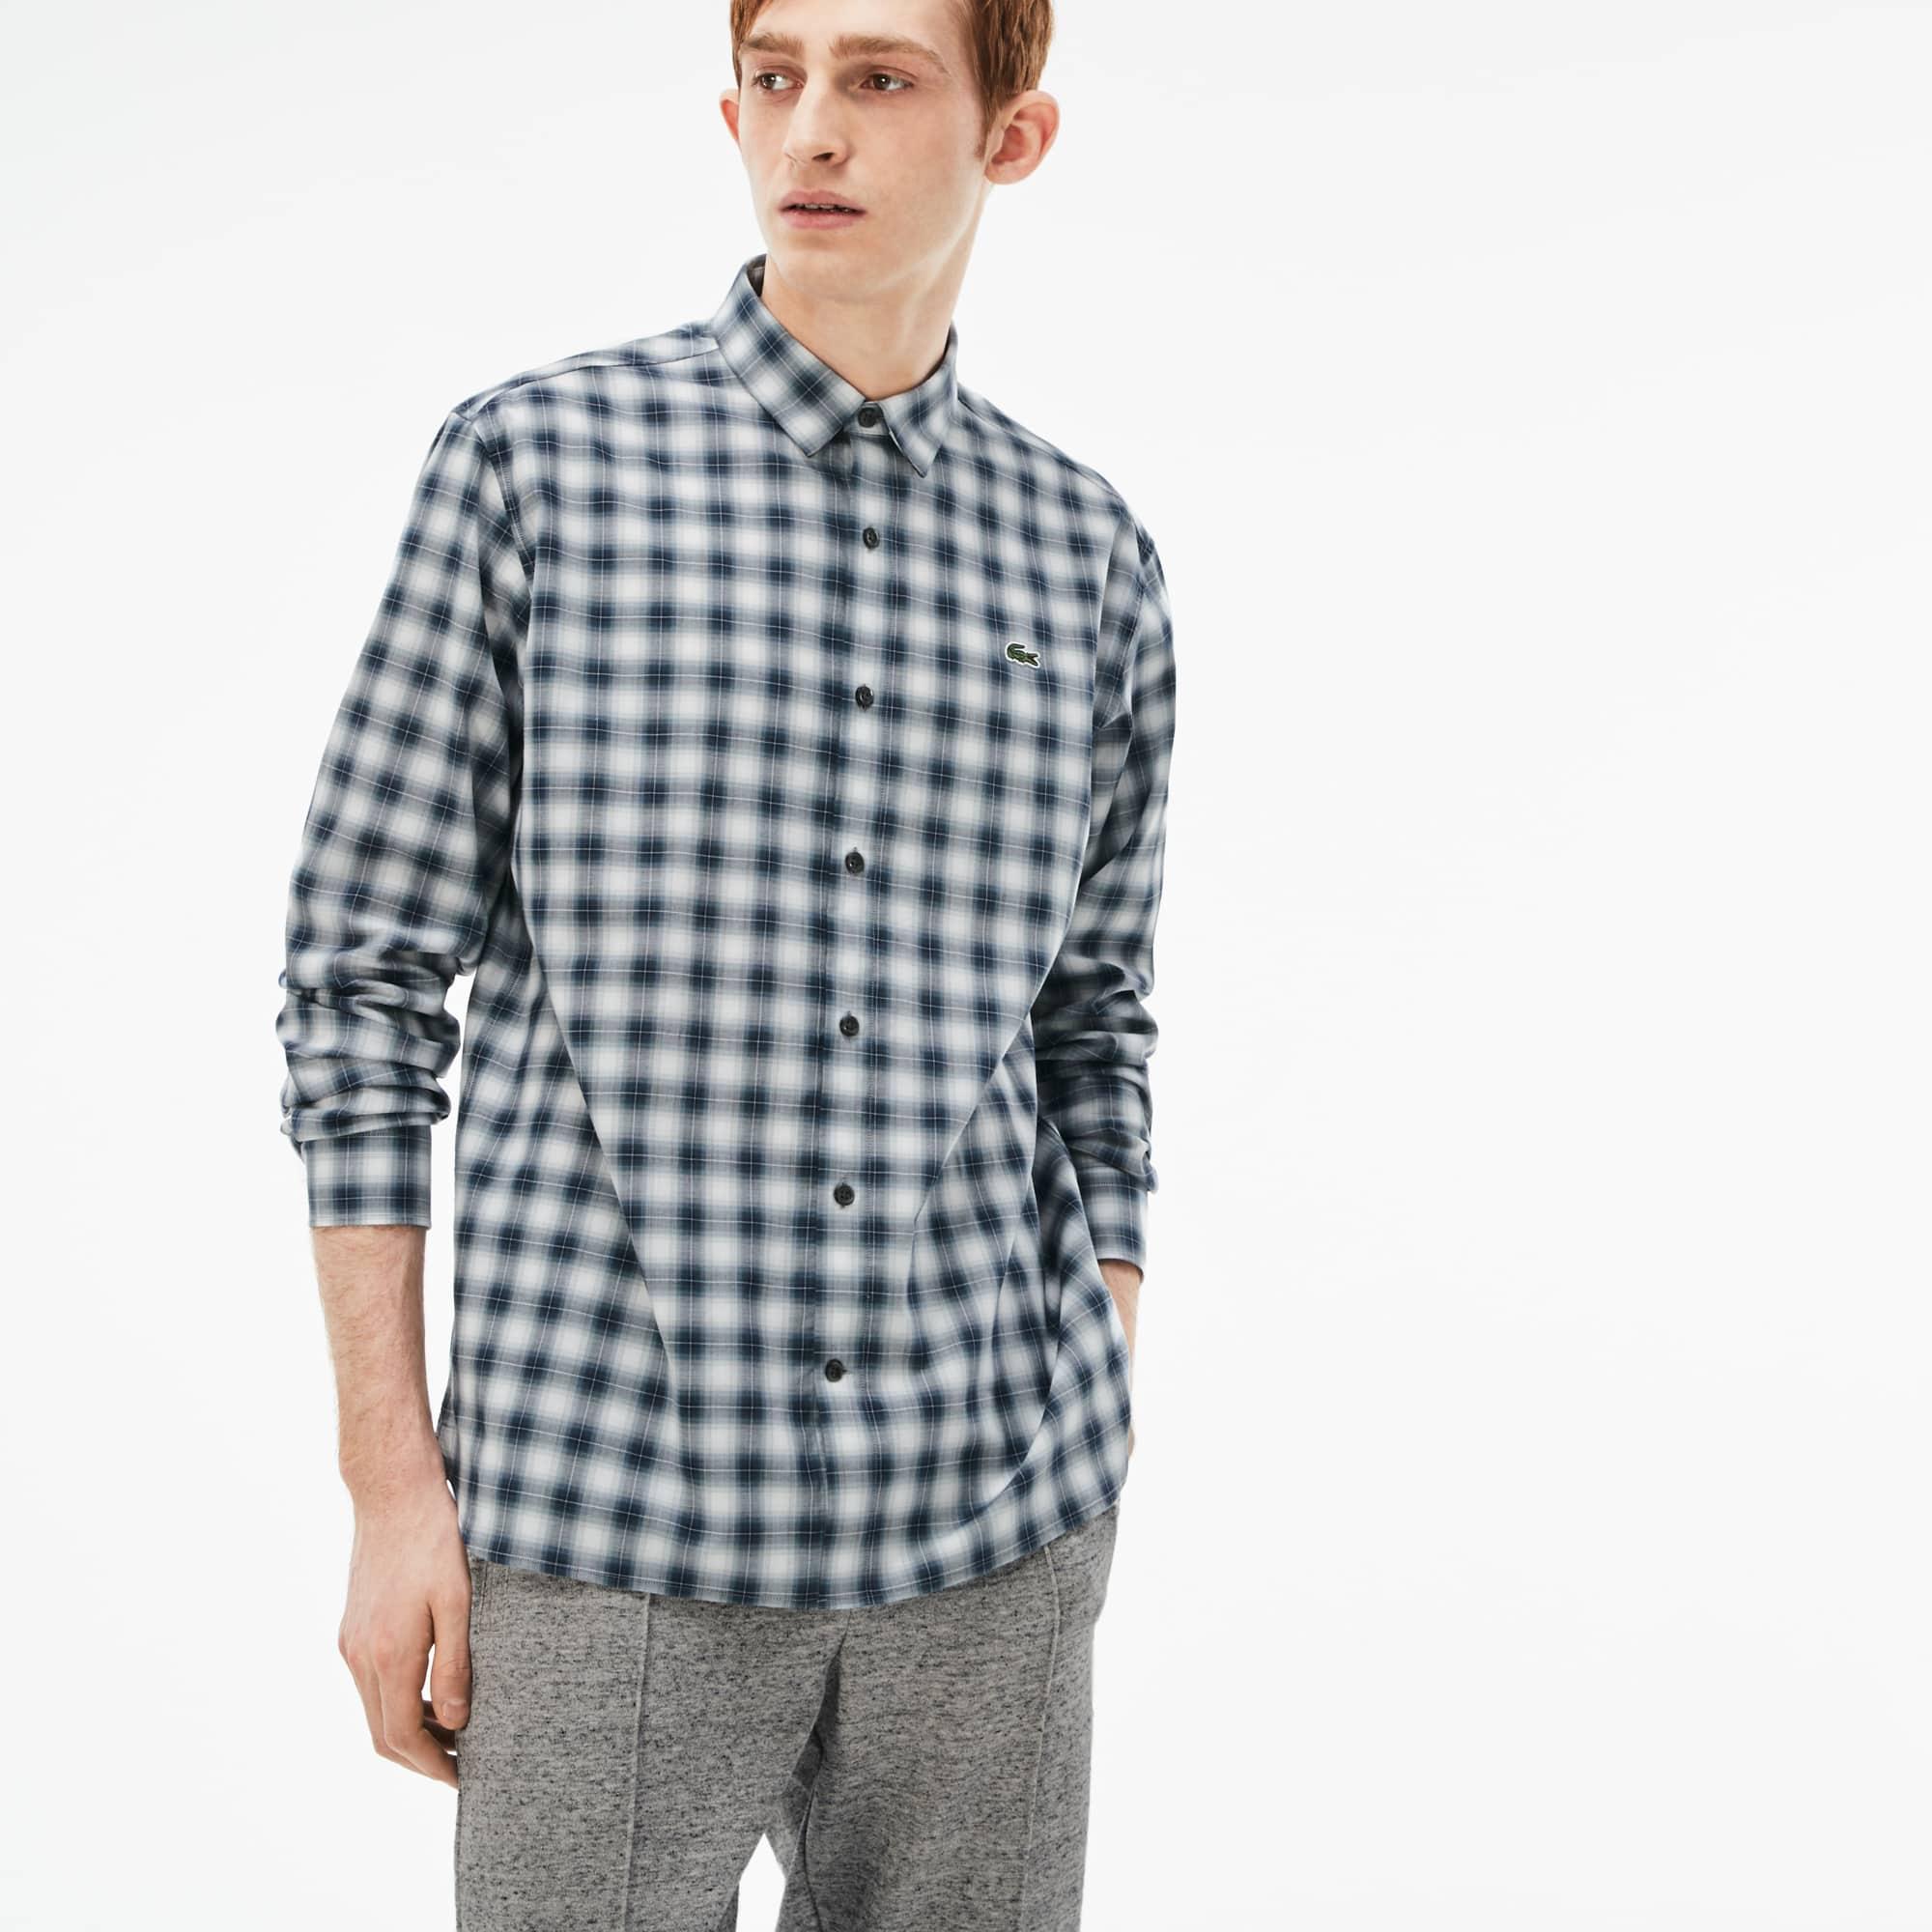 Boxy Fit Herren-Hemd aus karierter Popeline LACOSTE L!VE